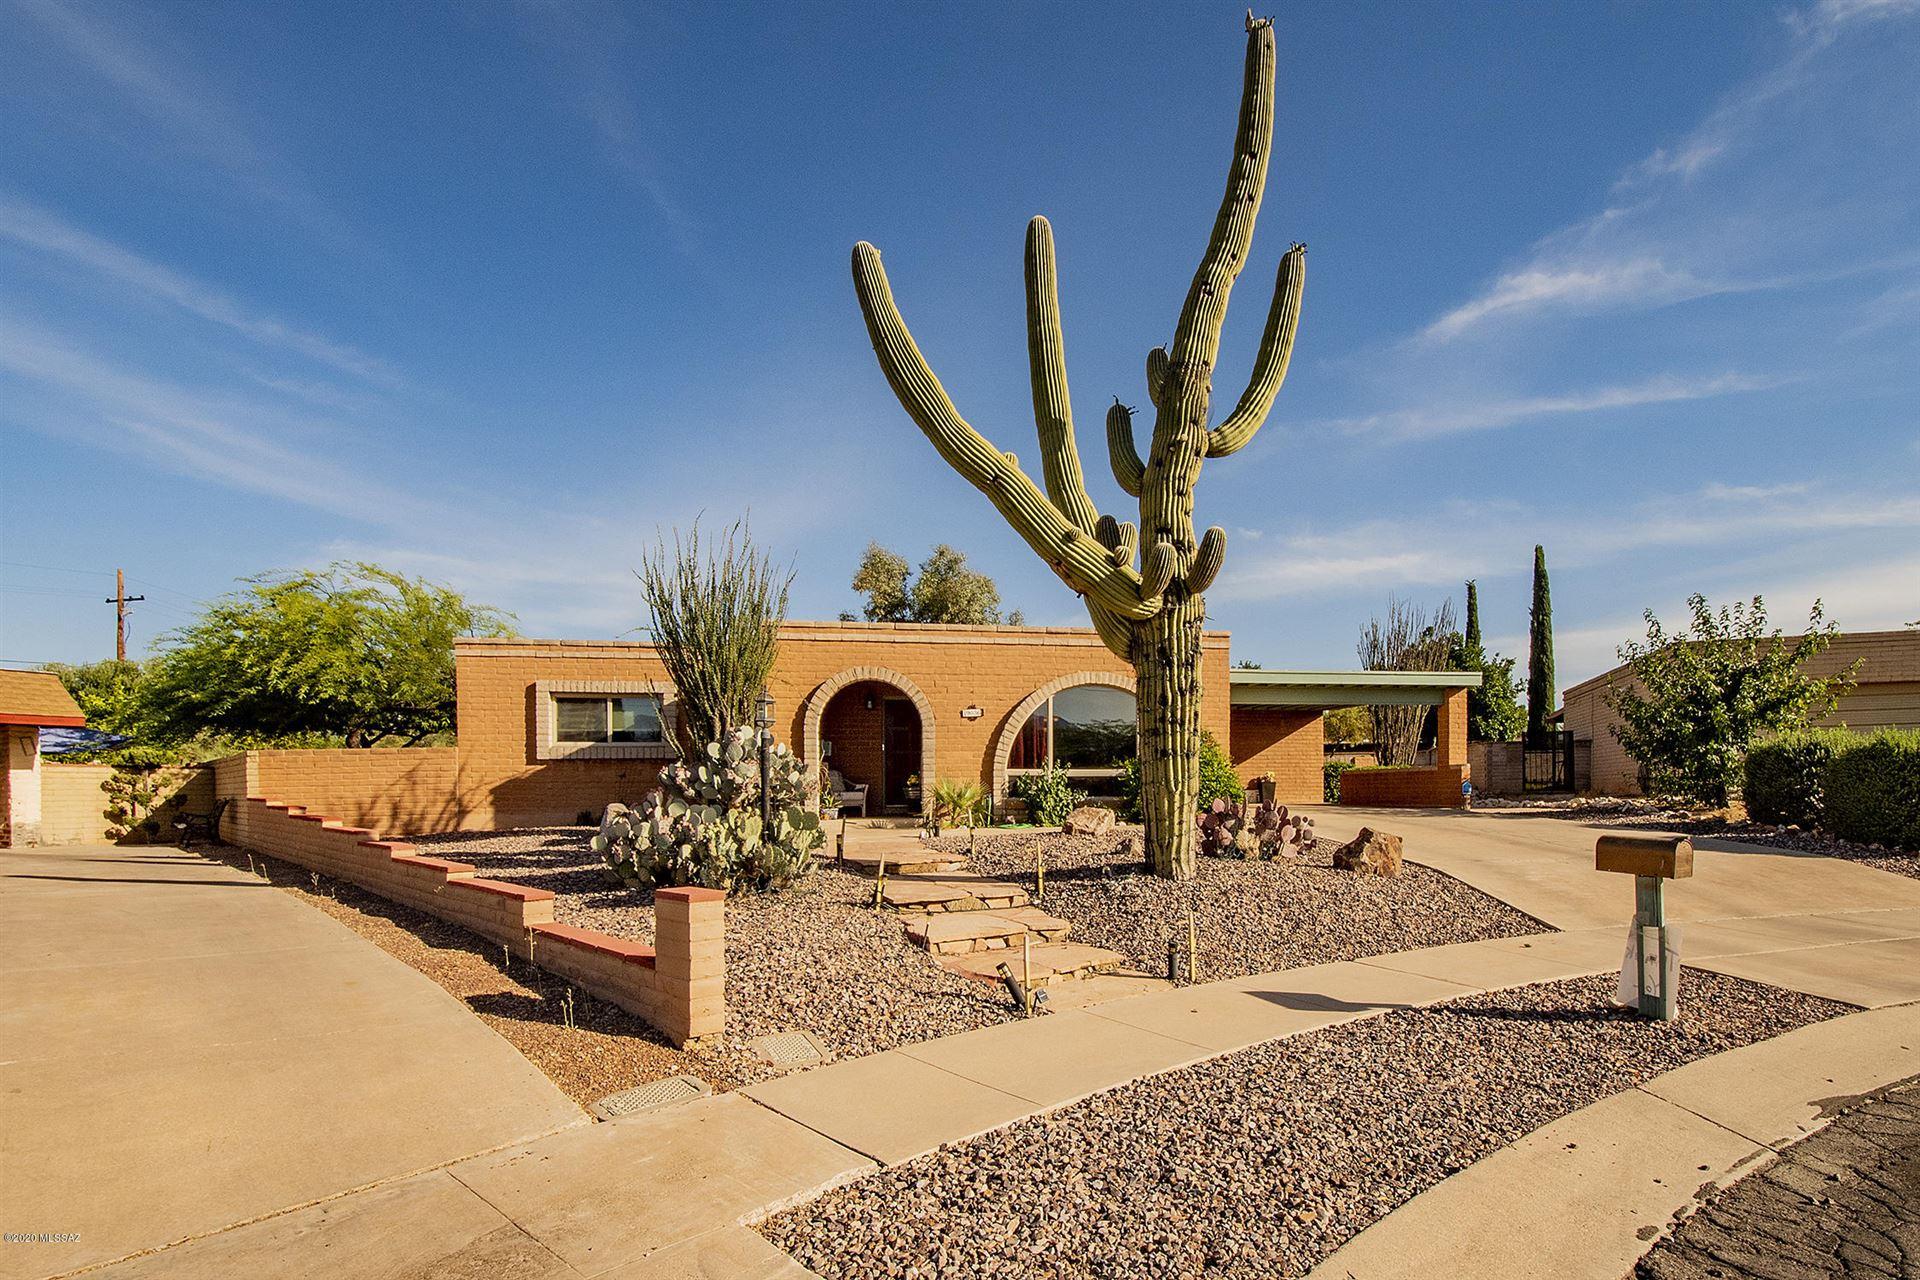 9036 E Wrightstown Road, Tucson, AZ 85715 - MLS#: 22015737